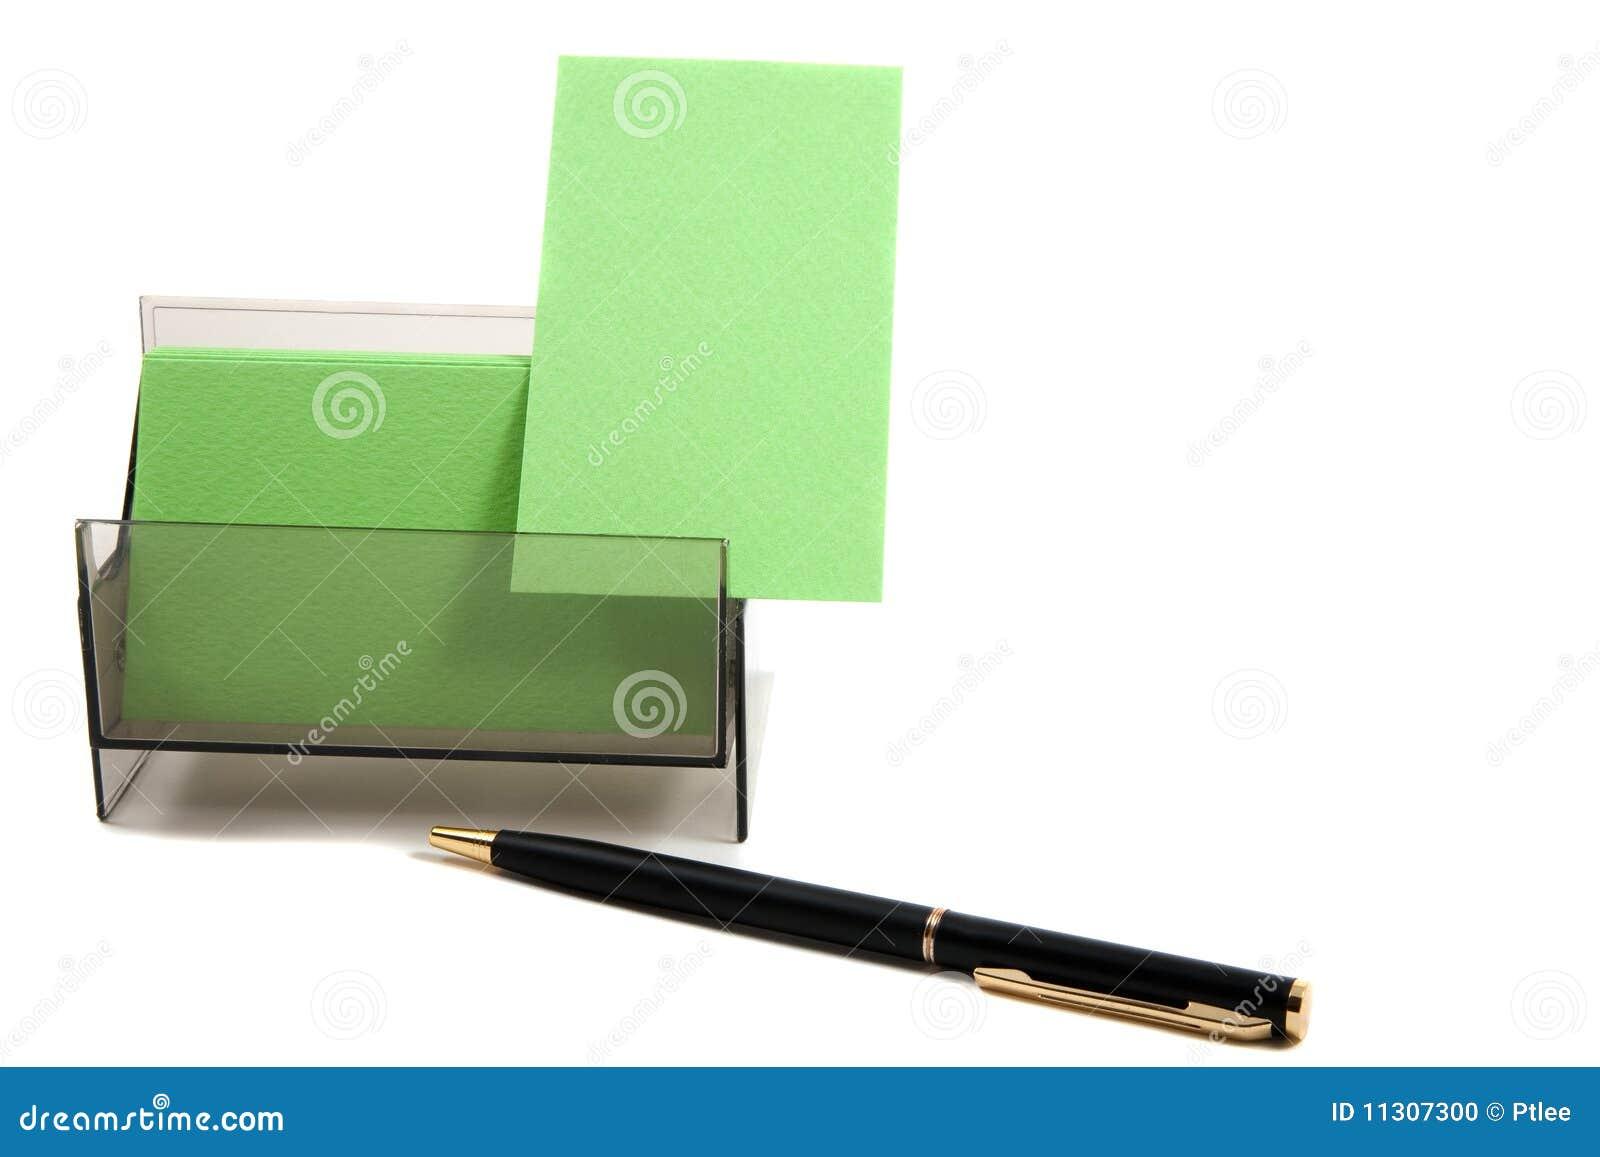 Grüne Visitenkarte in einem Kasten (mit Platz für Text)